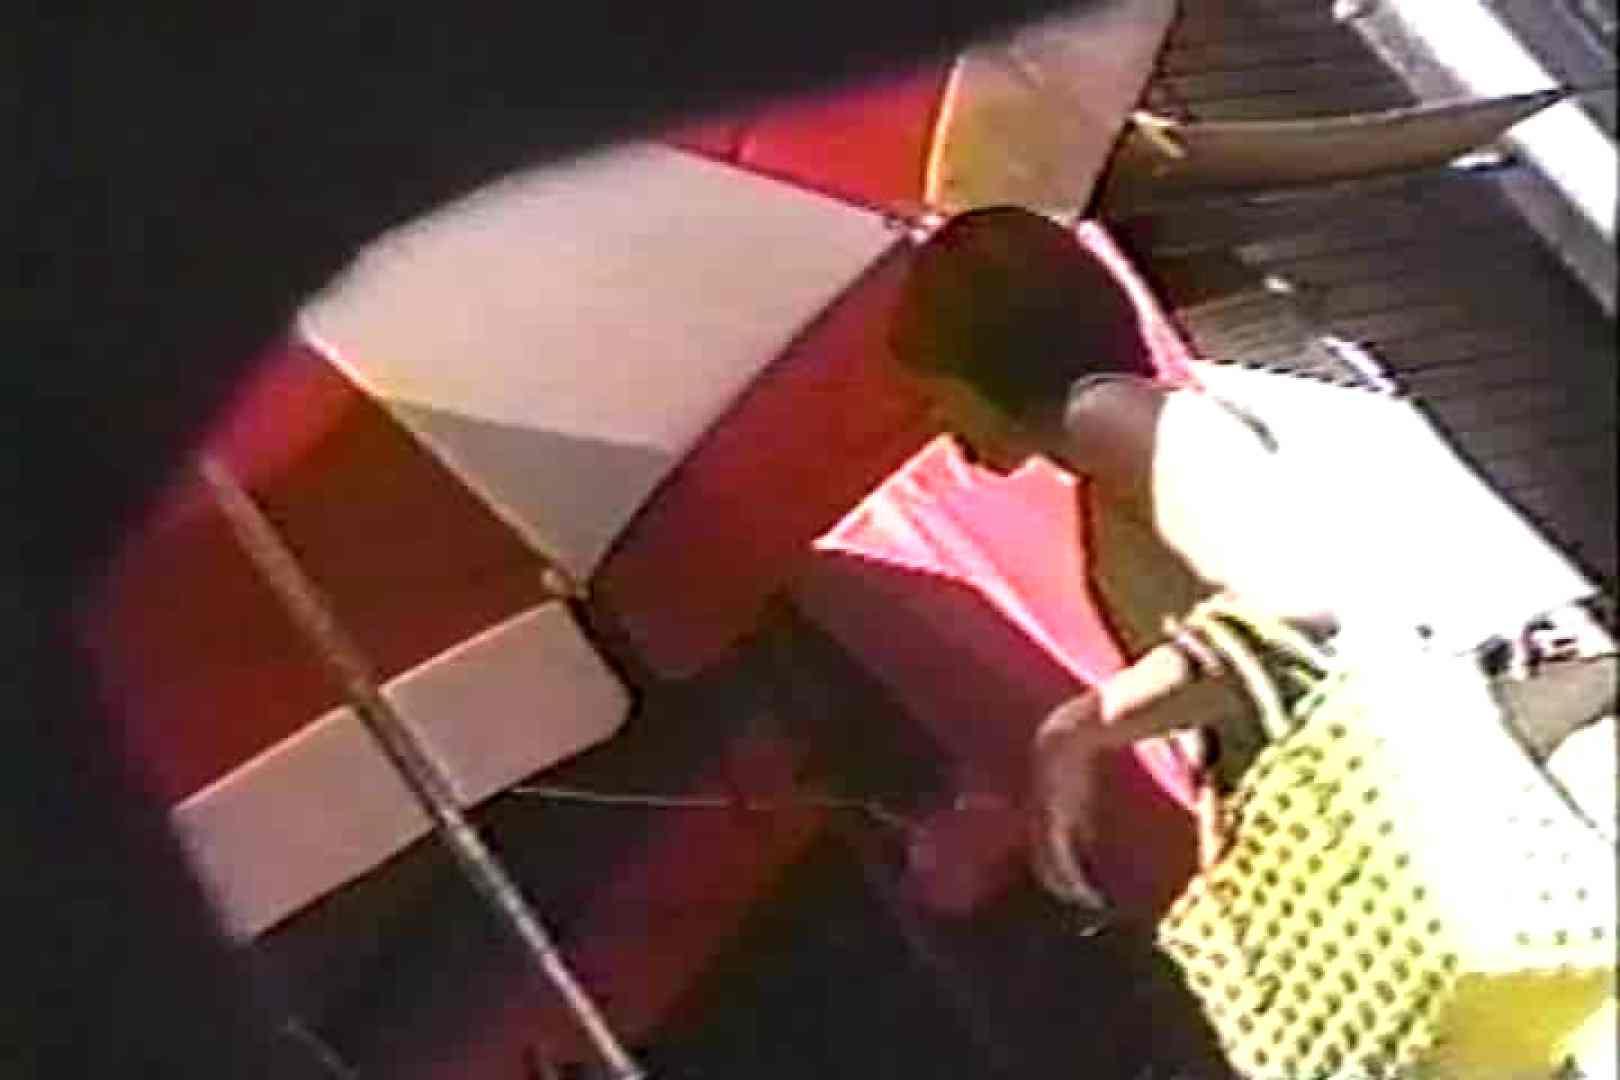 「ちくりん」さんのオリジナル未編集パンチラVol.1_01 チラ  95画像 9